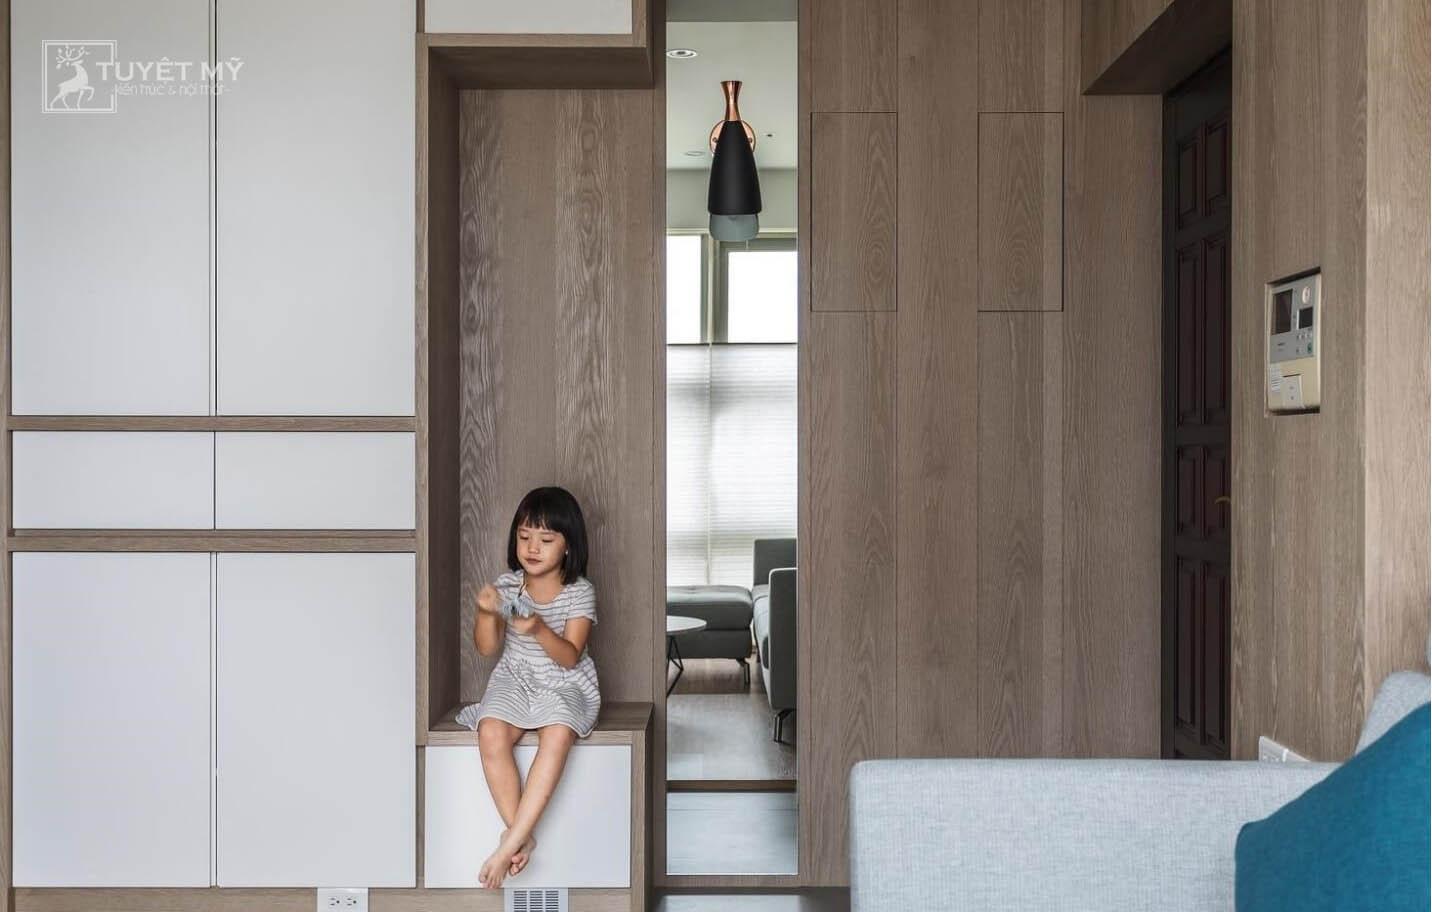 Thiết kế nội thất hiện đại chung cư 75 m2 khiến nhiều người mê mẩn